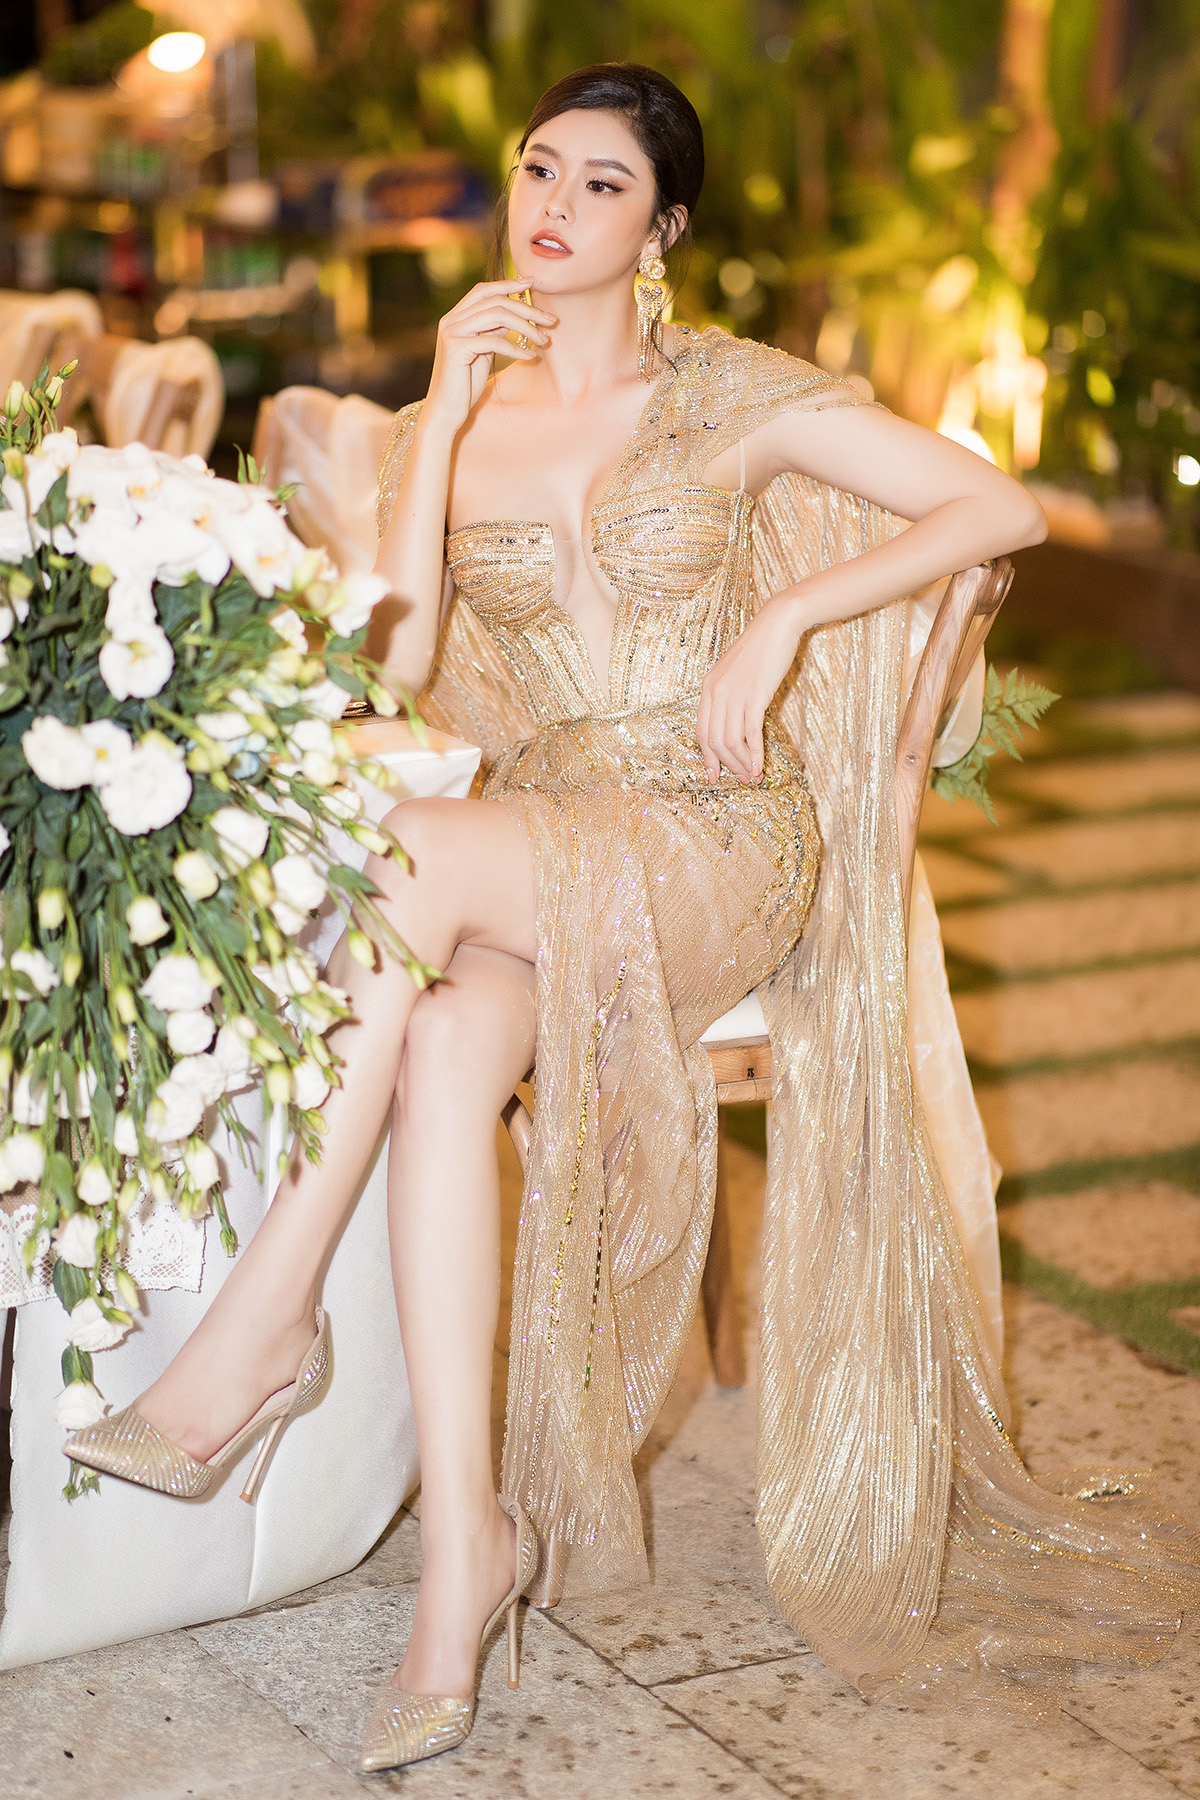 Diện váy khoét ngực sâu, Trương Quỳnh Anh chứng minh thời kỳ đỉnh cao của nhan sắc